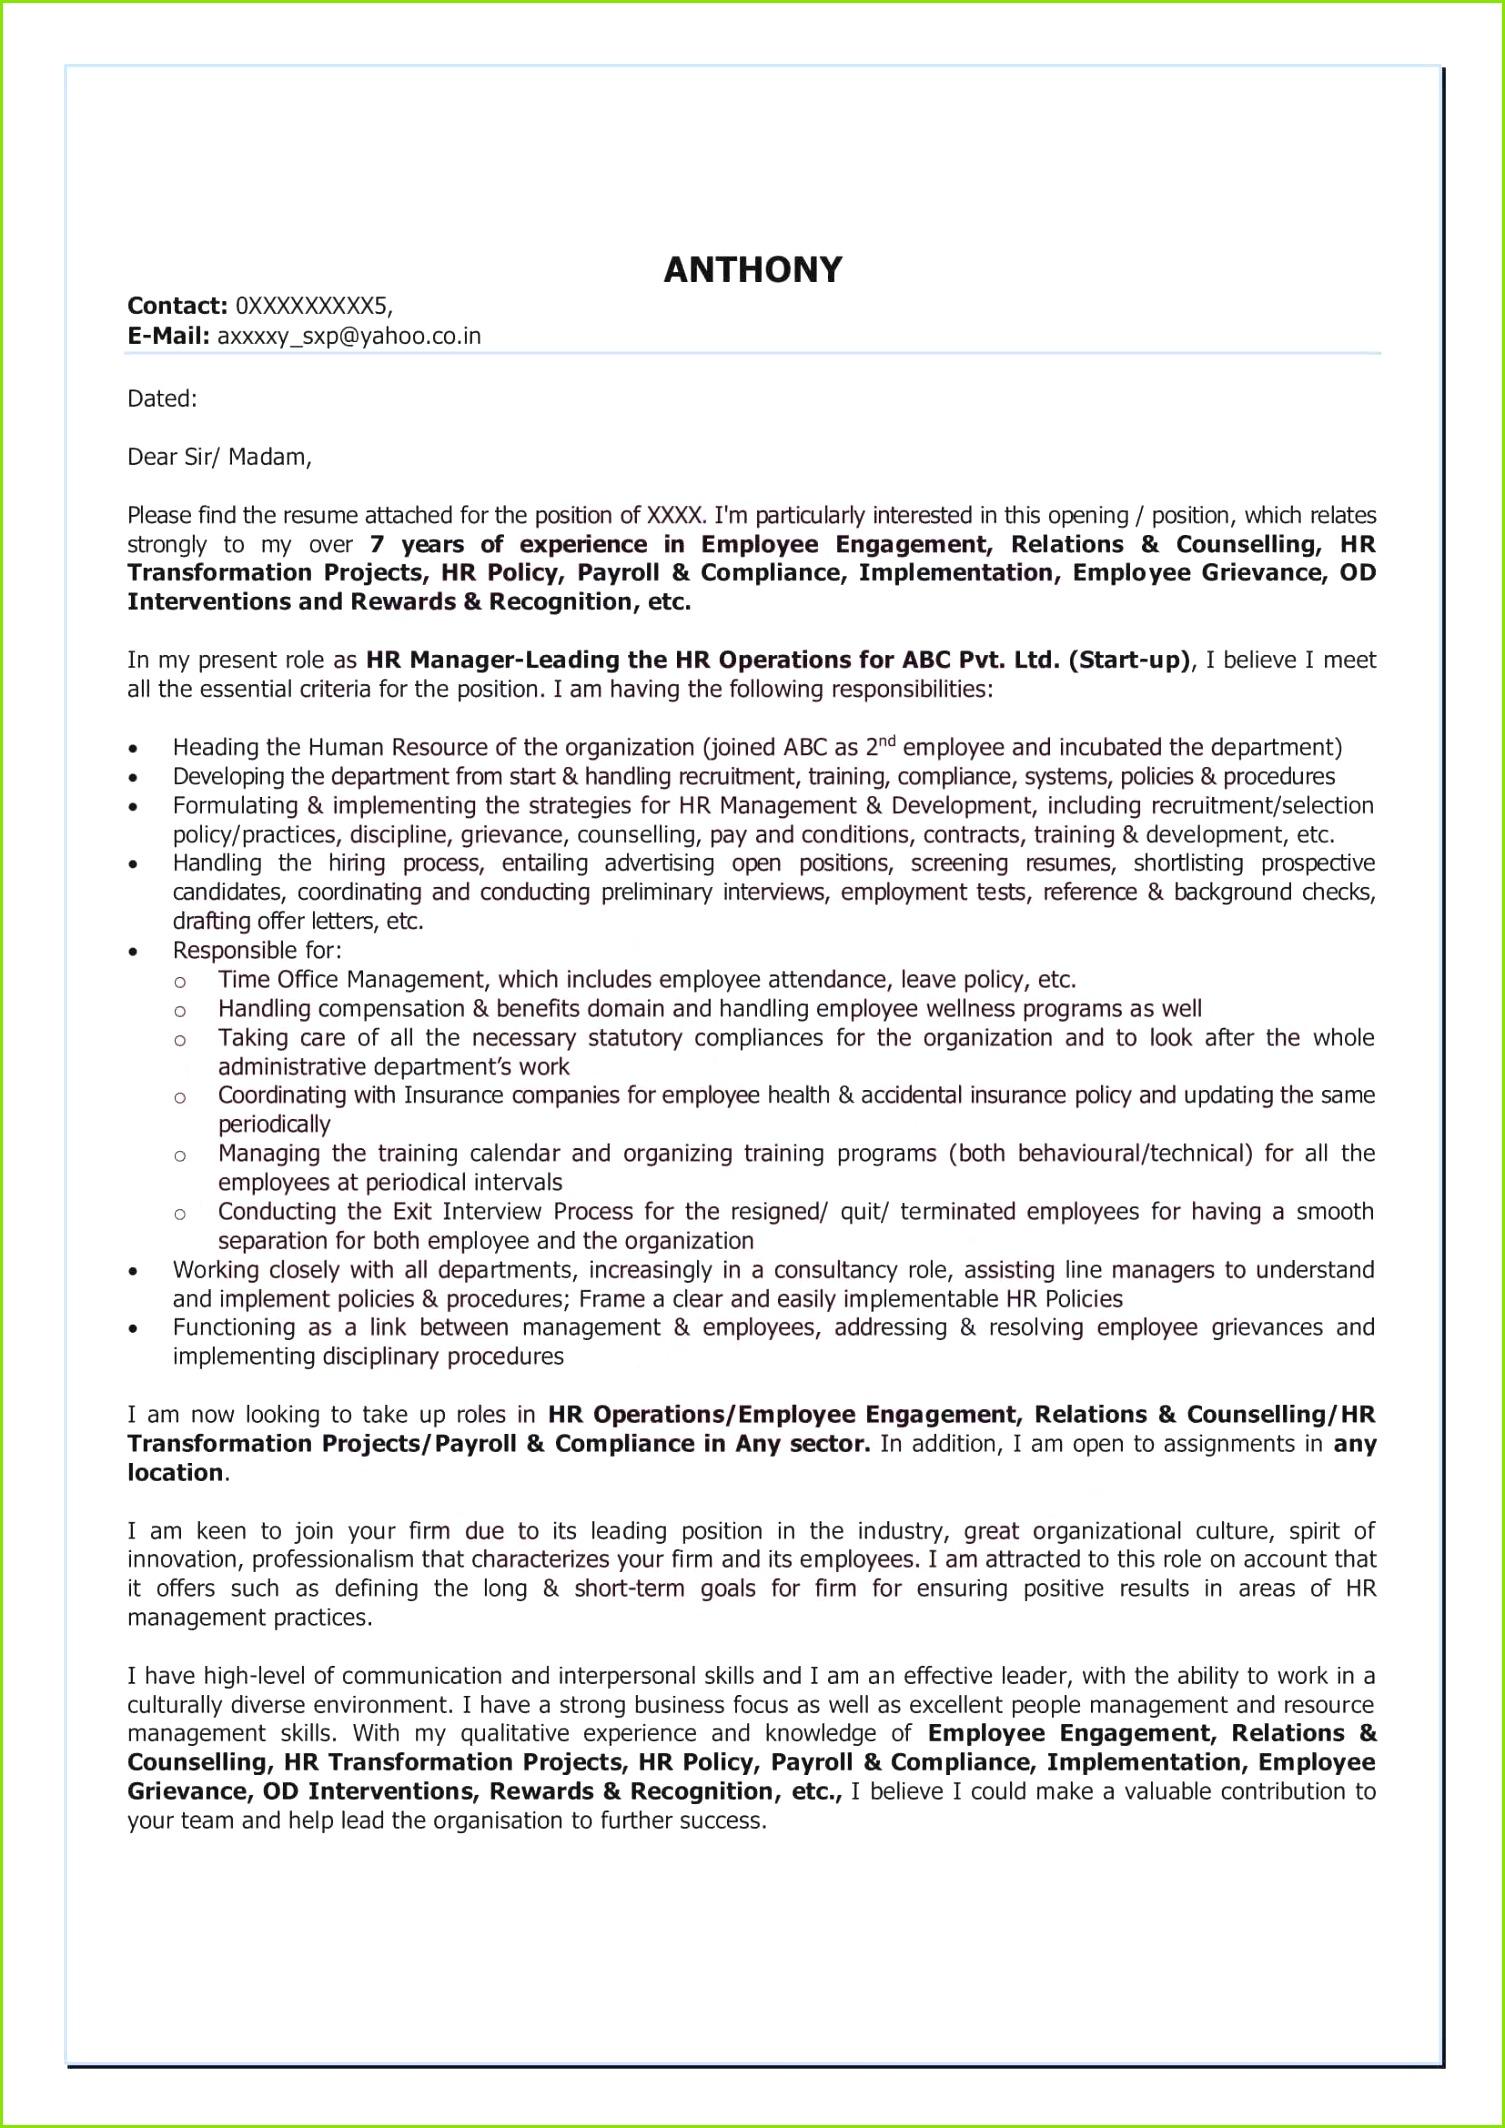 Vodafone Vertrag Kündigen Vorlage Frisch Die Erstaunliche Vodafone Kündigung Wegen Umzug 11 Frisch Vodafone Vertrag